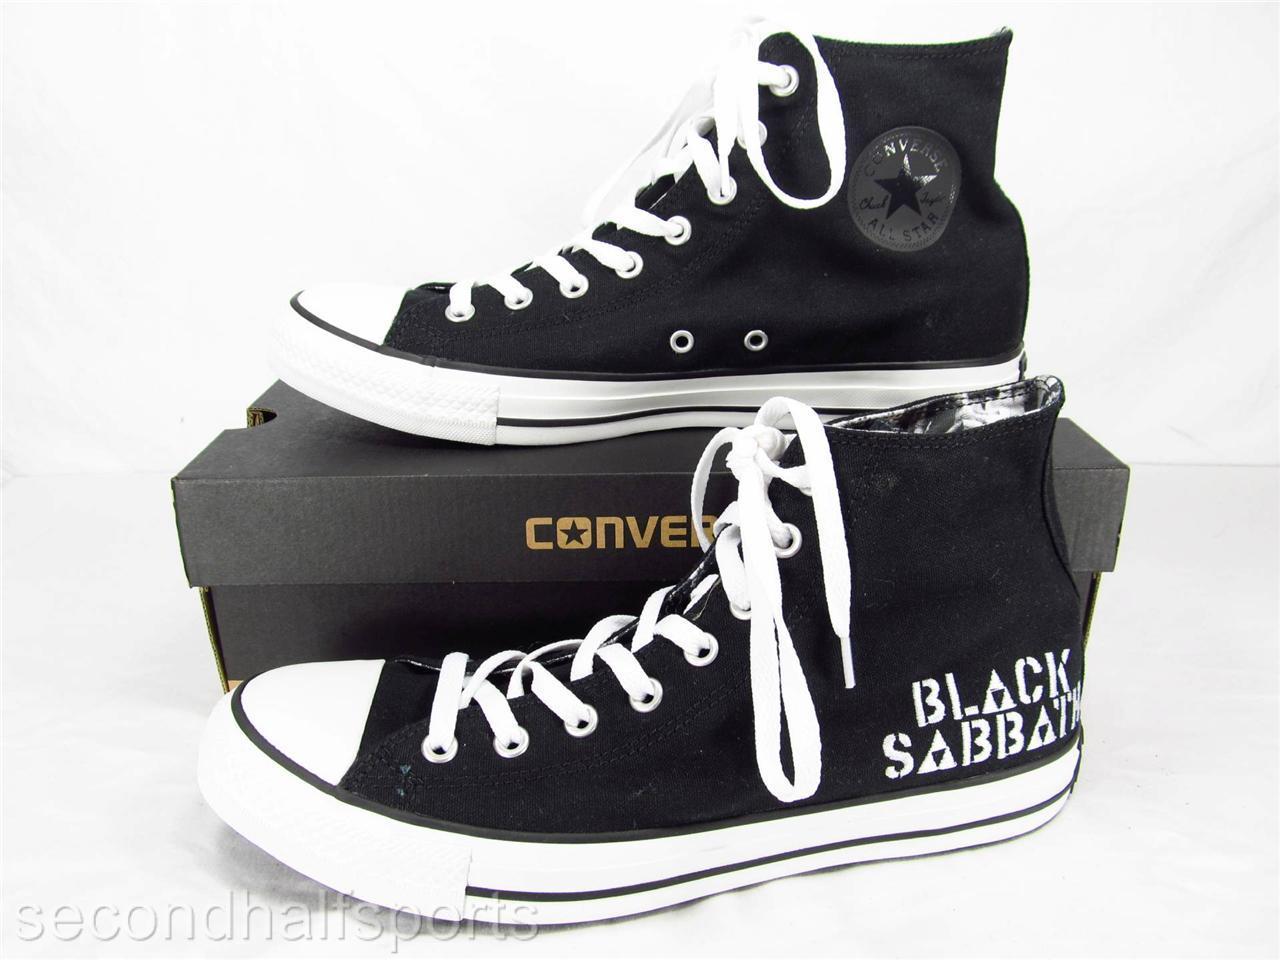 converse black sabbath never say die chuck all